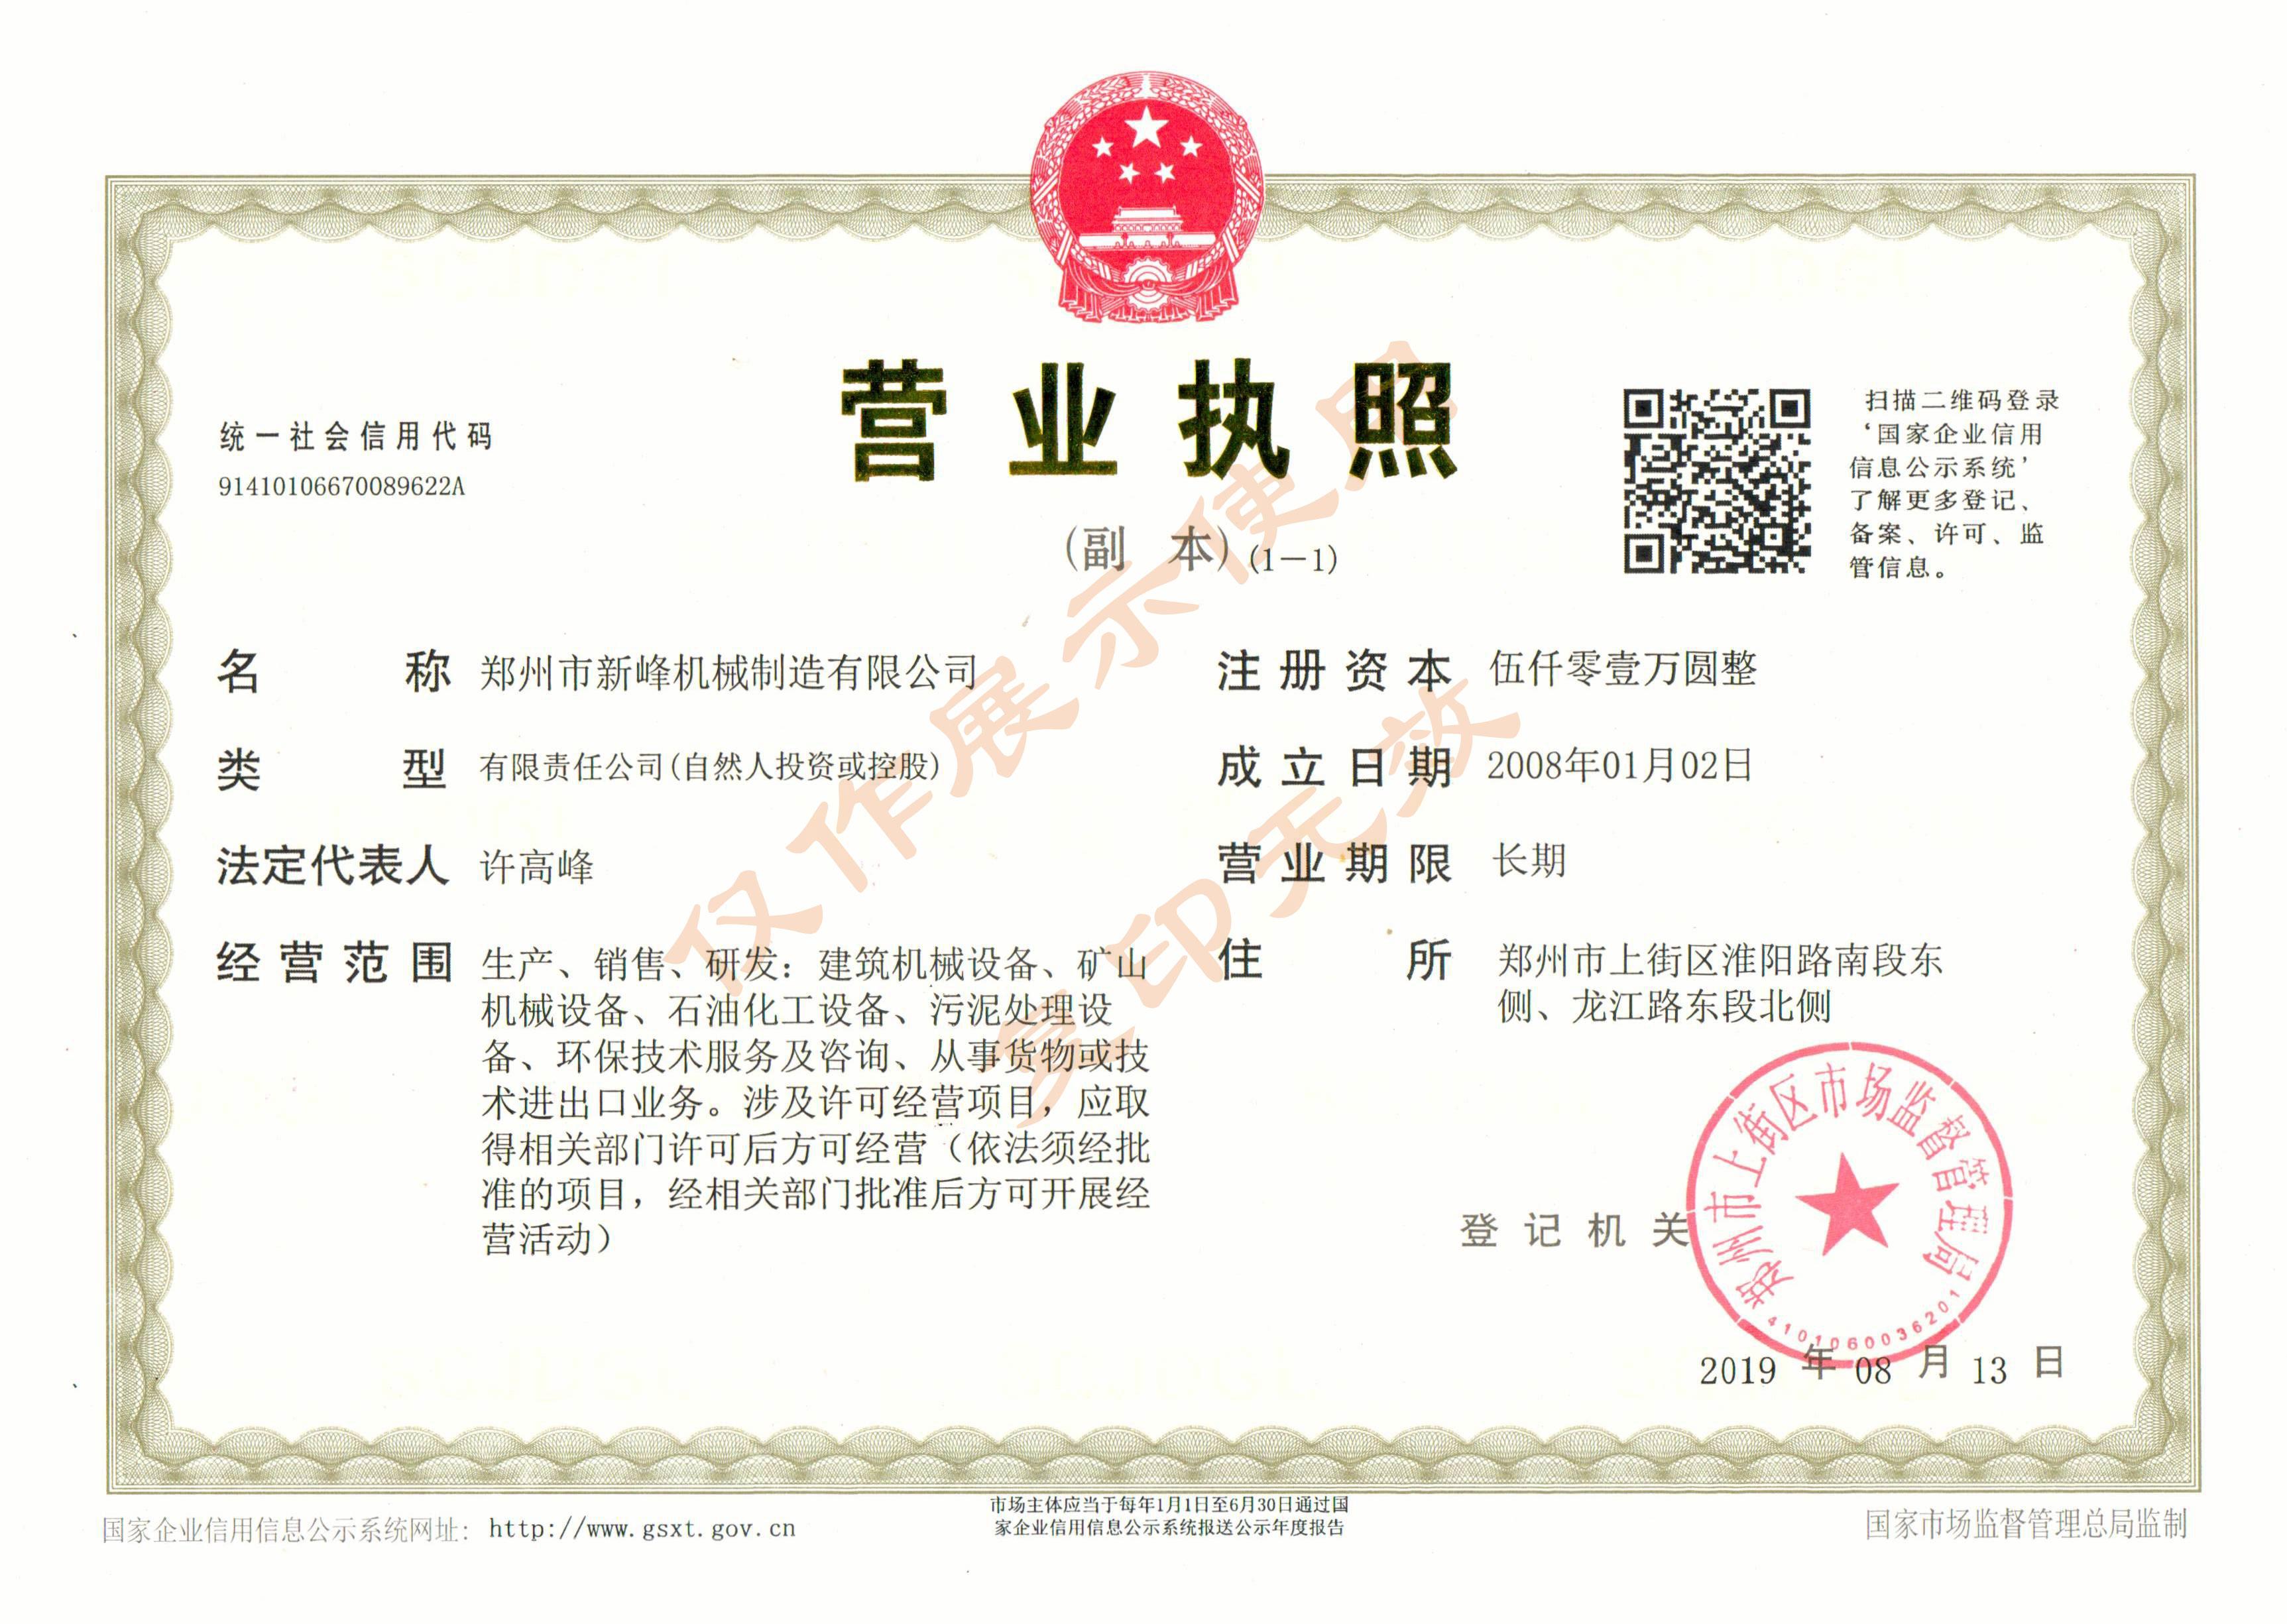 新峰营业执照.jpg